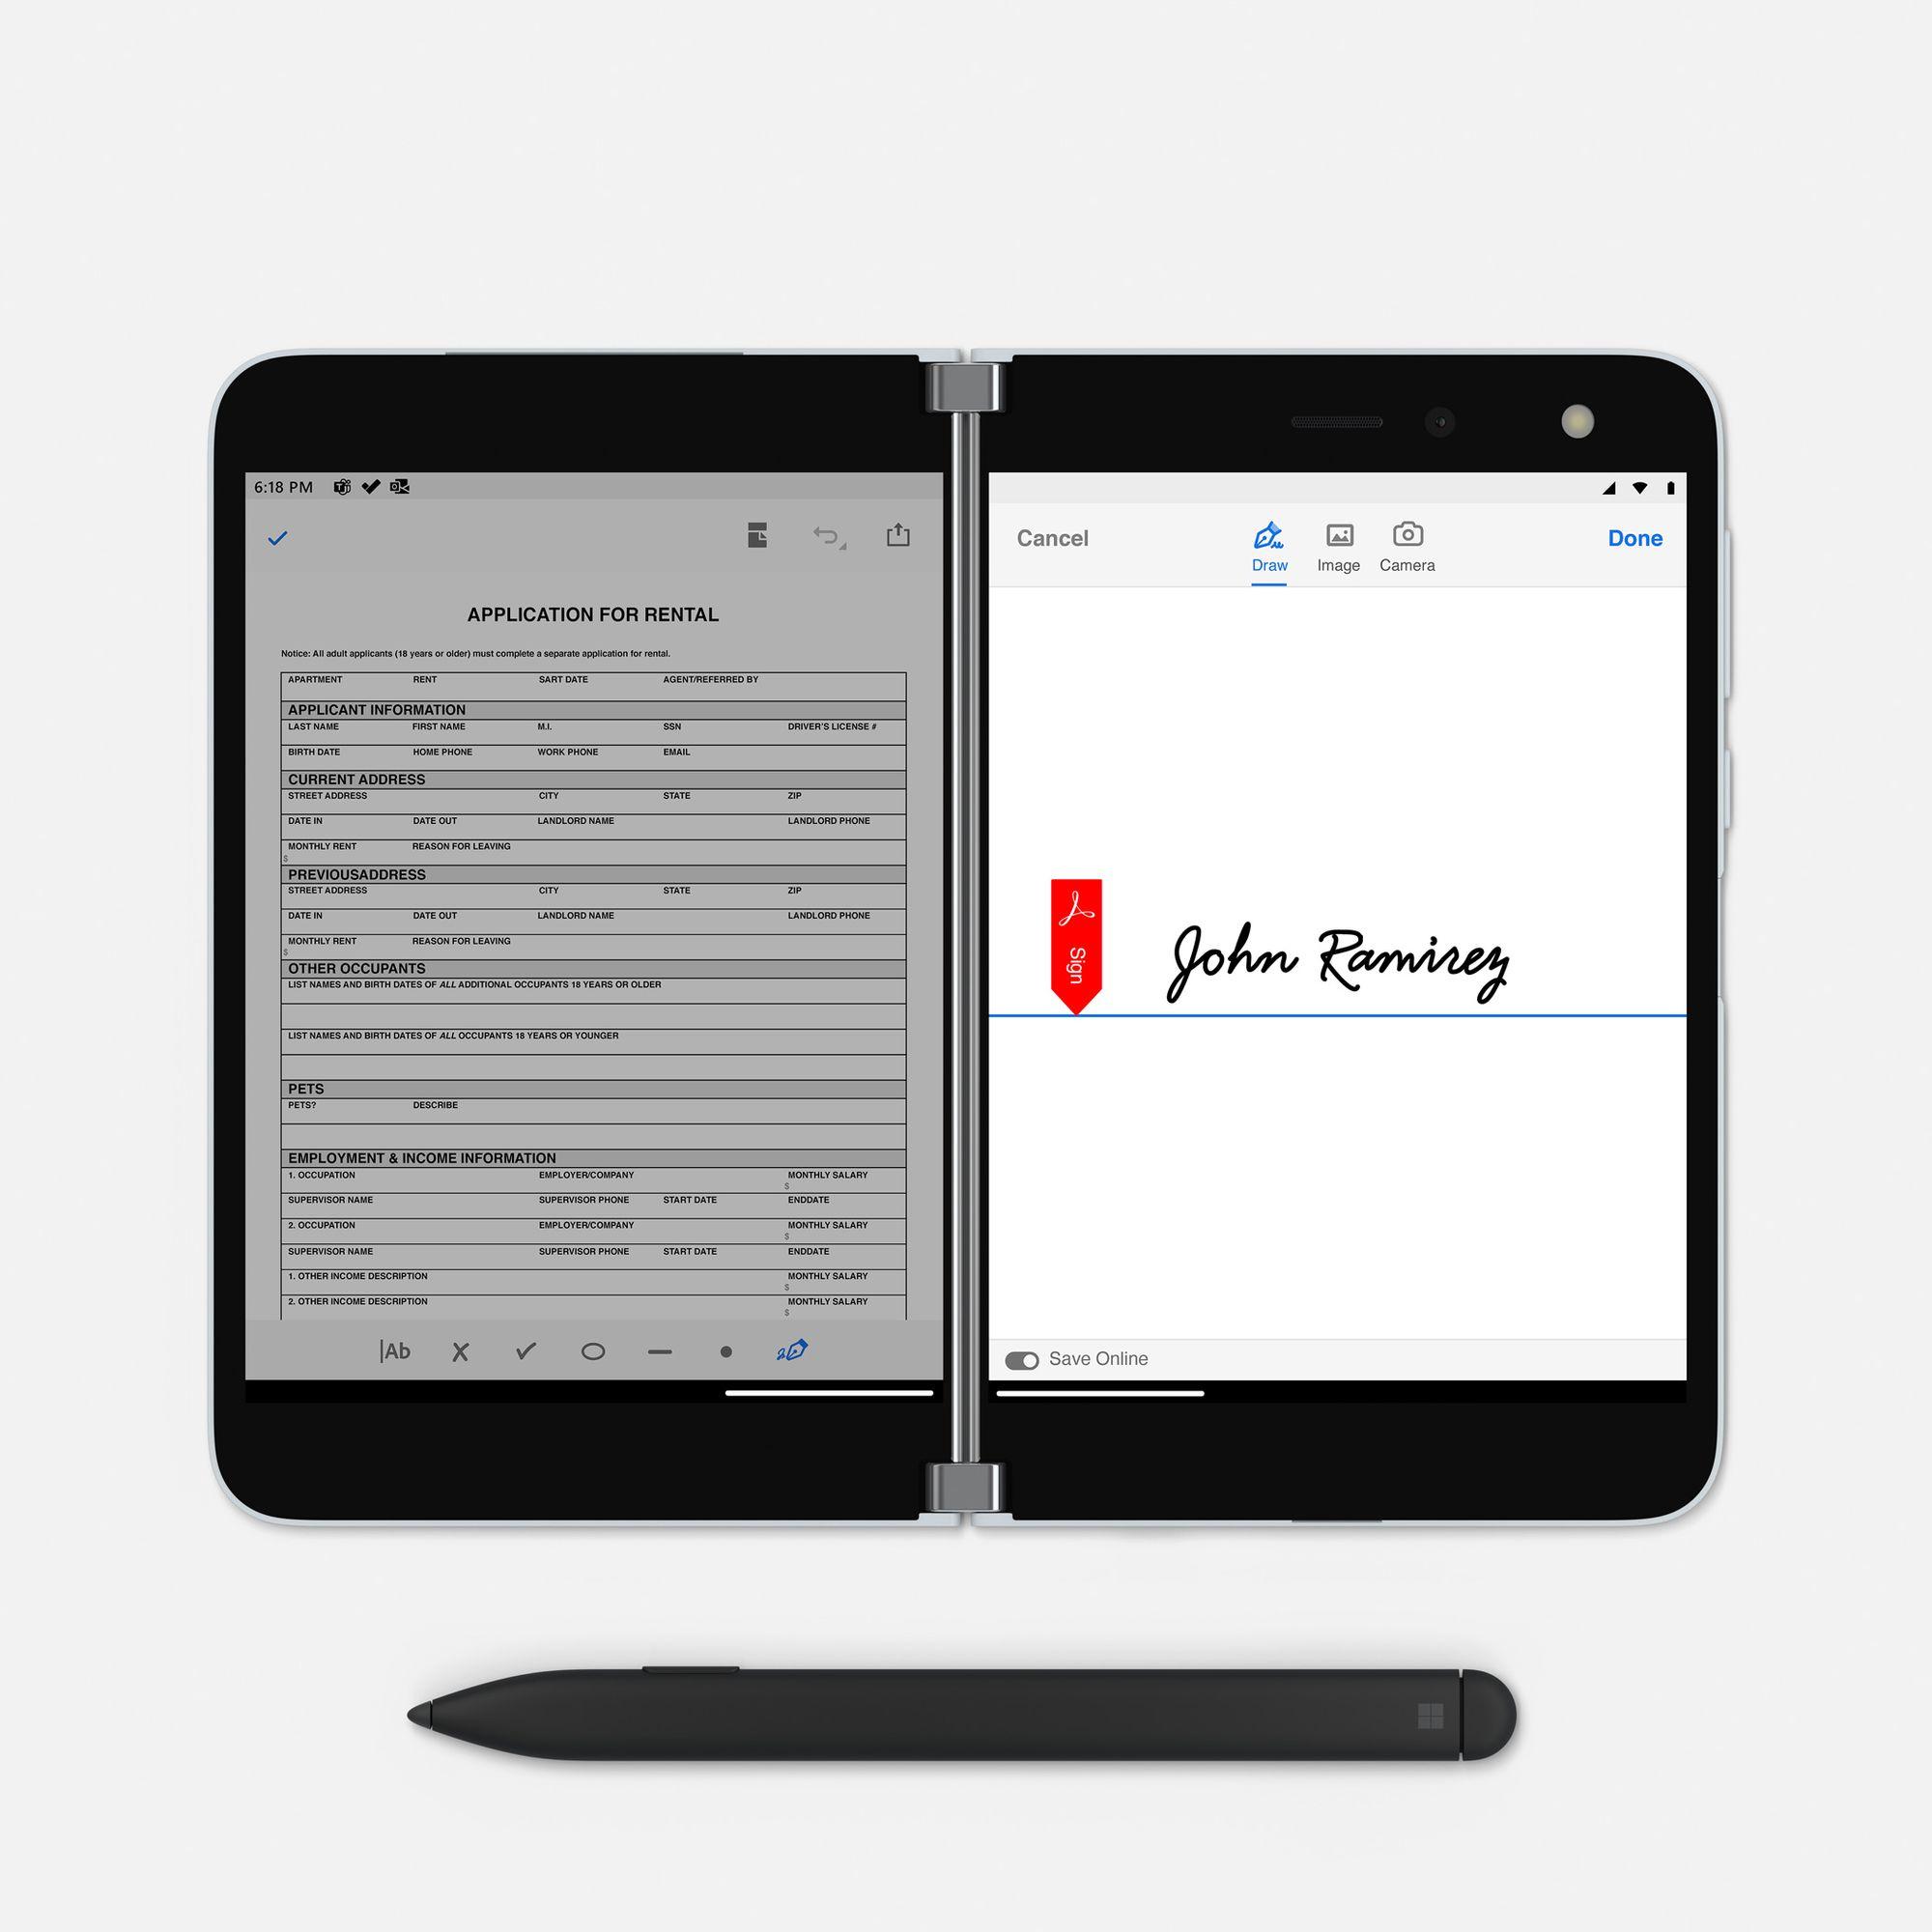 Das Surface Duo im Book Mode zeigt auf dem linken Bildschirm ein PDF Dokument und auf dem rechten Bildschirm ein Signatur, unterhalb des Surface Duo ist ein Surface Slim Pen platziert